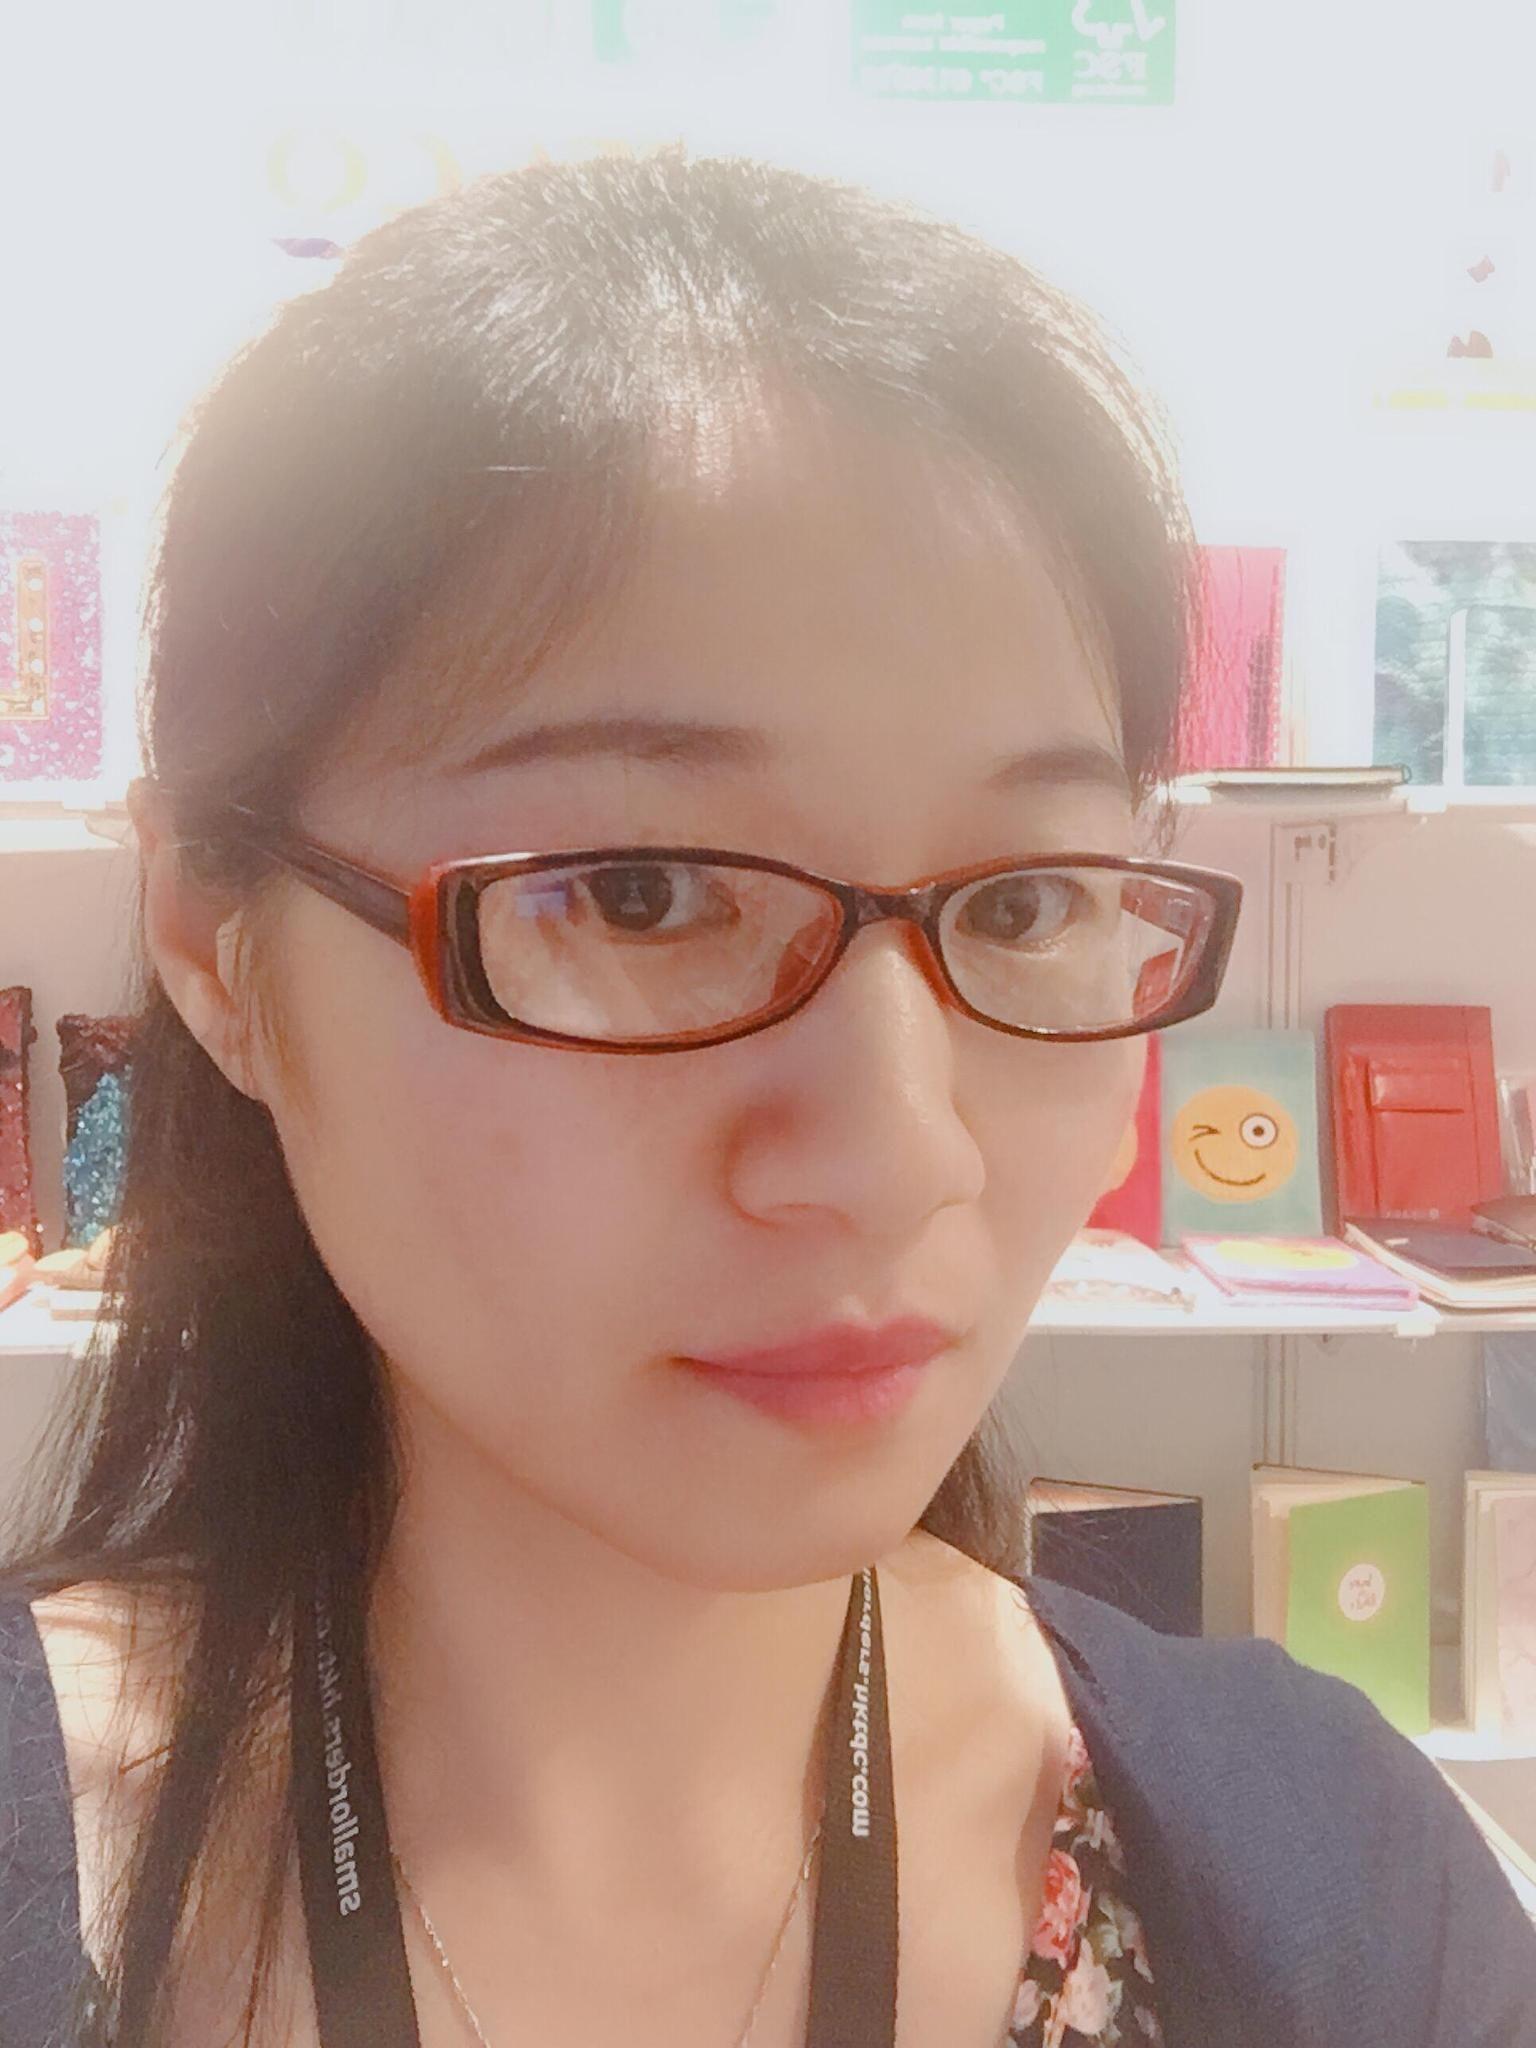 Feeme Yu